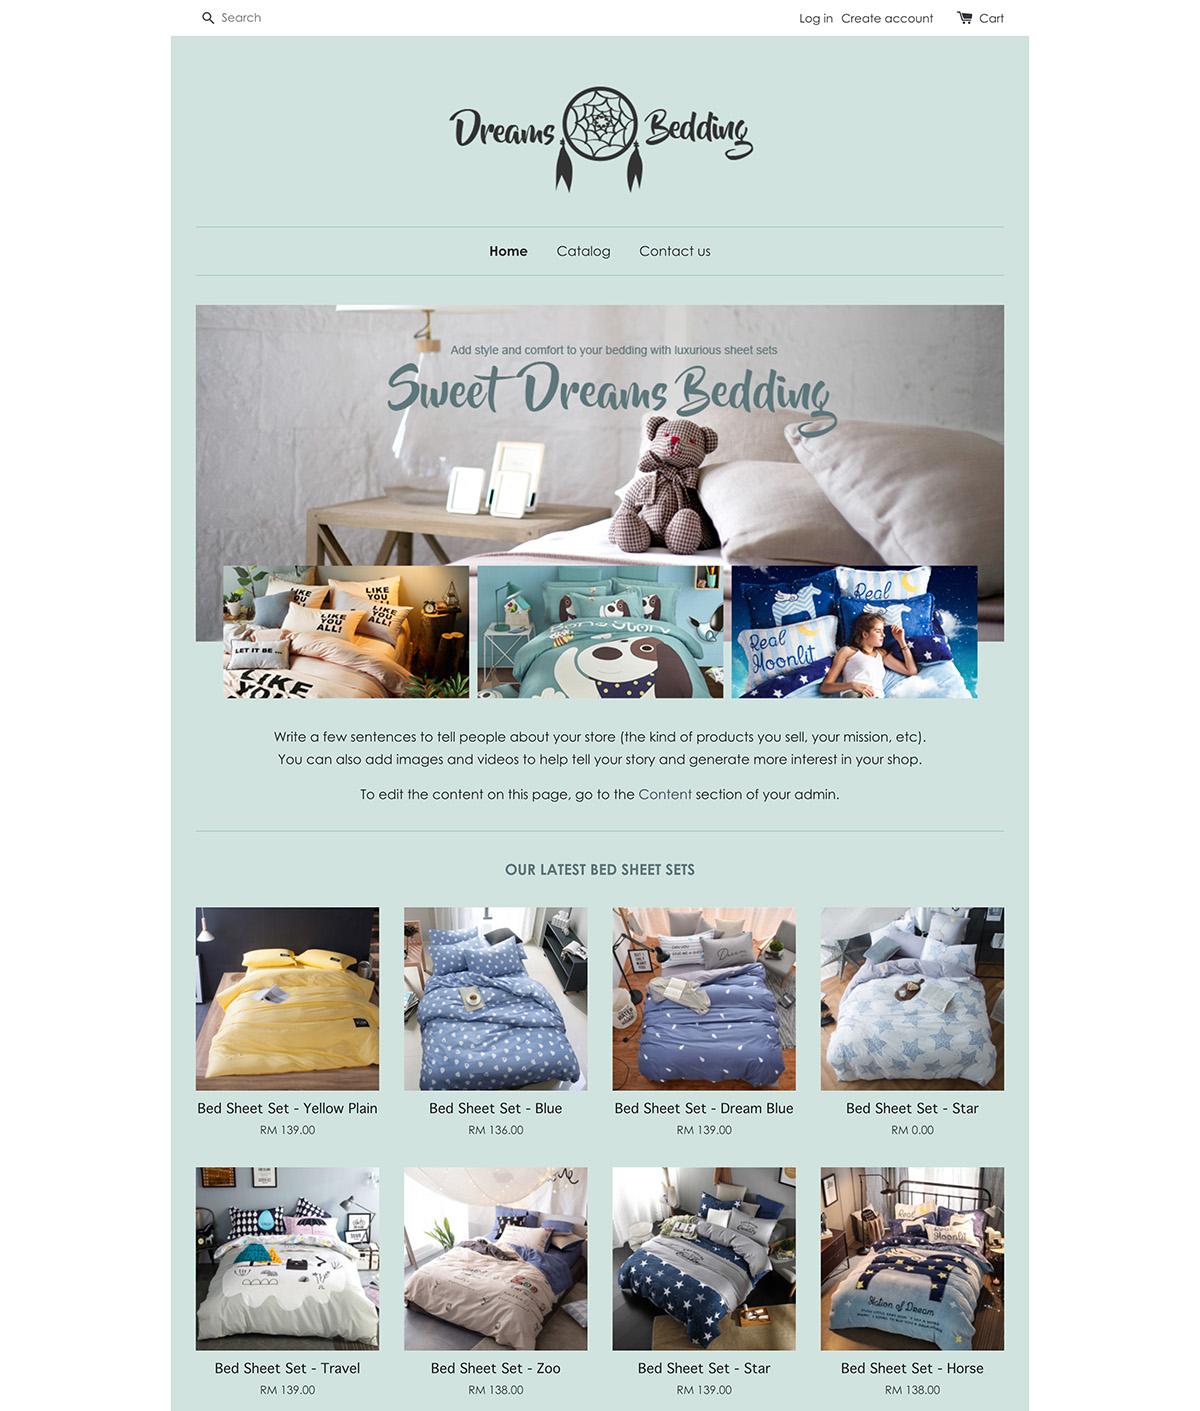 Dreams Bedding